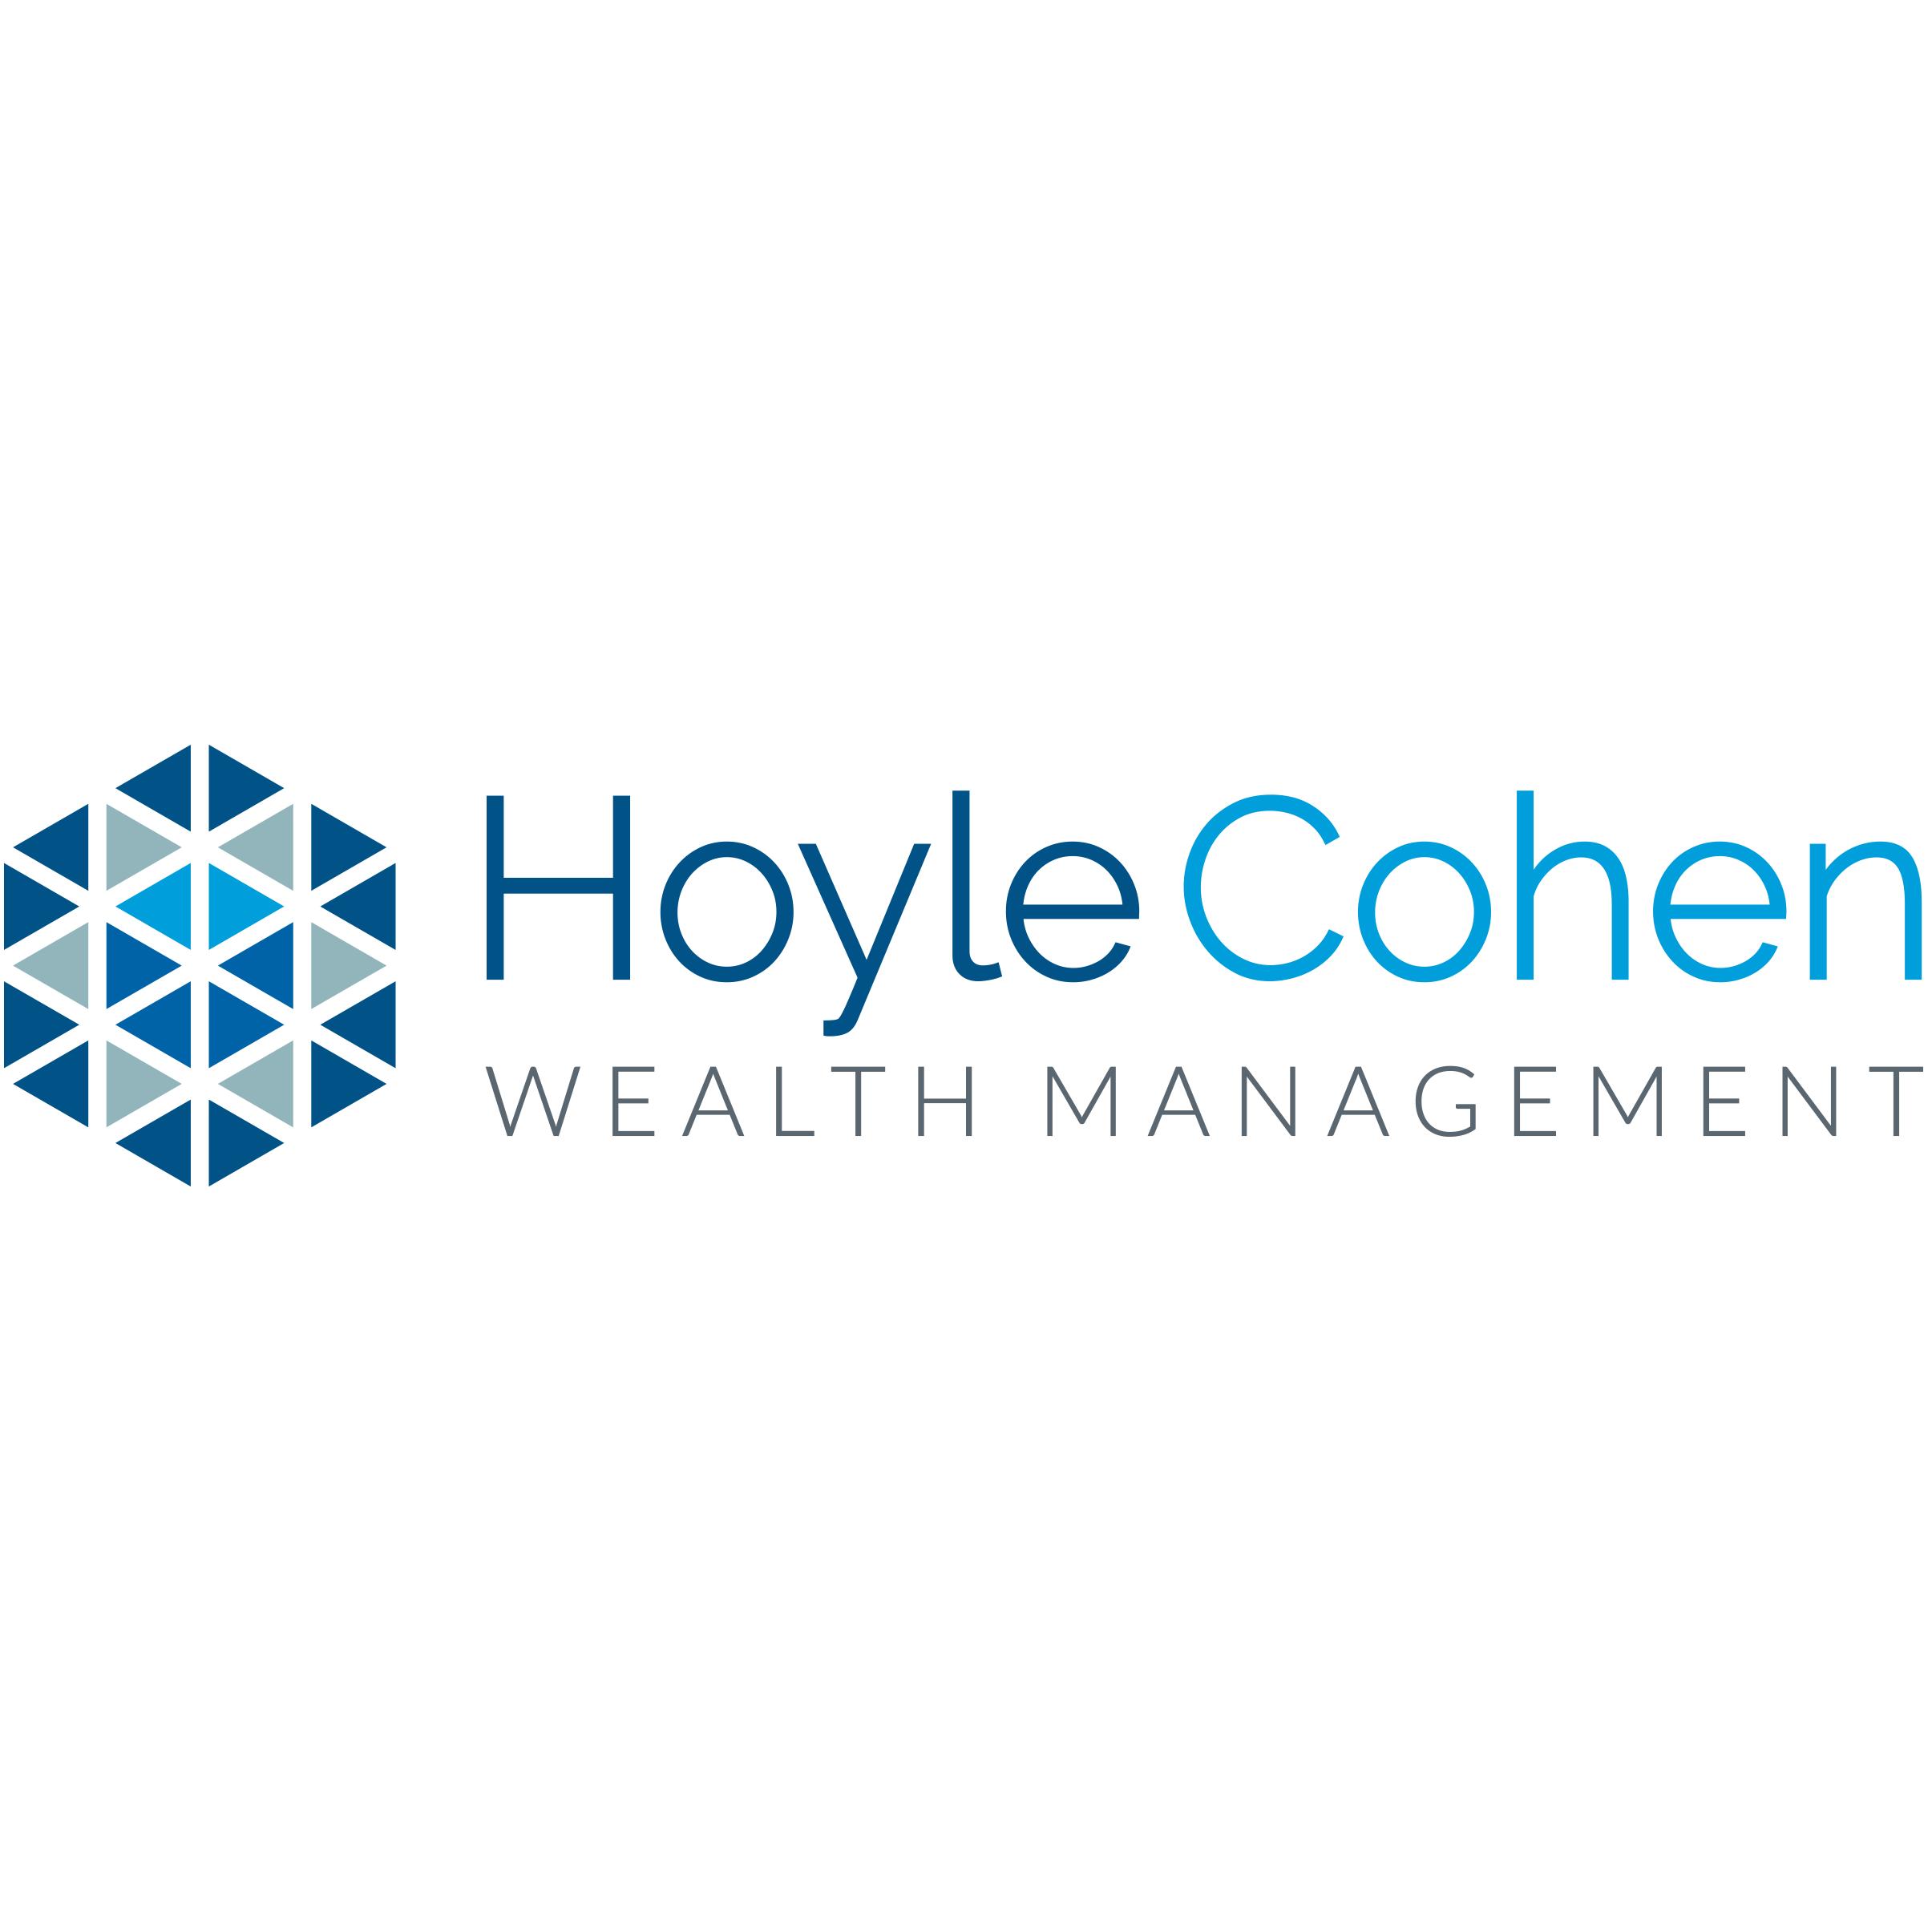 HoyleCohen